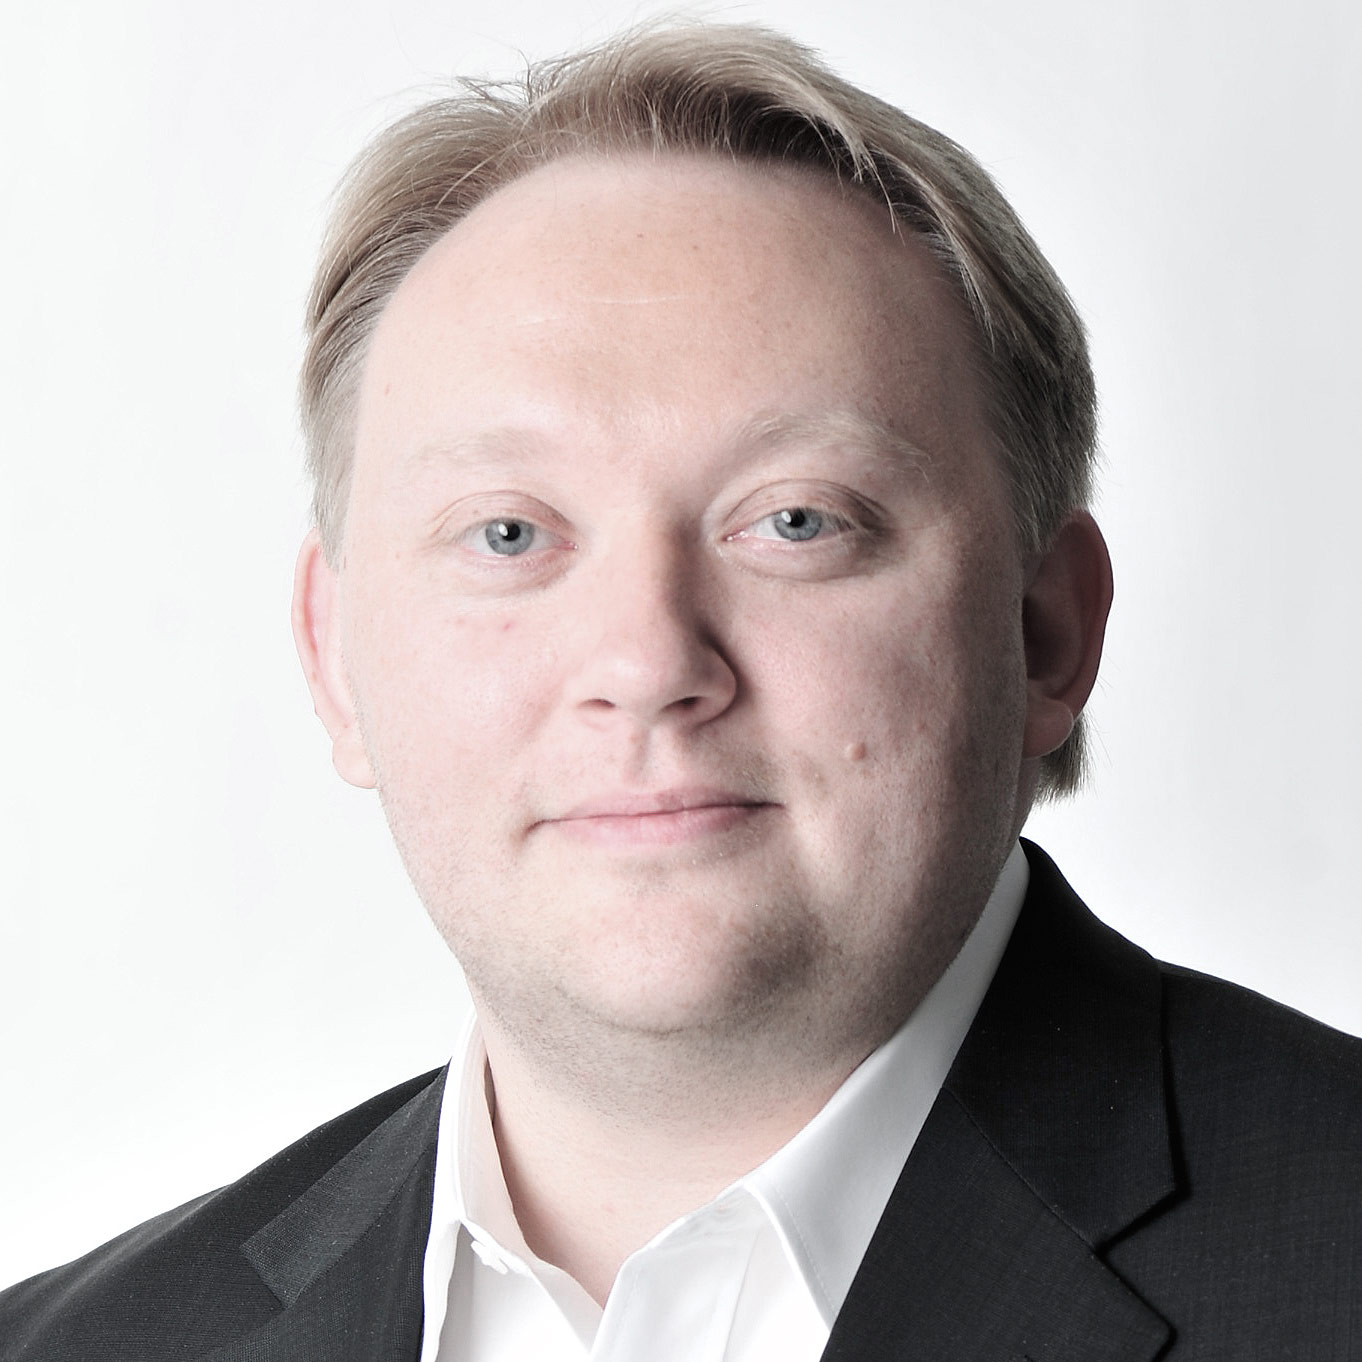 Tobias Kollewe, Vorstand des Bundesverband Coworking Deutschland und der cowork AG, setzt sich für mehr Coworking-Spaces in Deutschland ein.